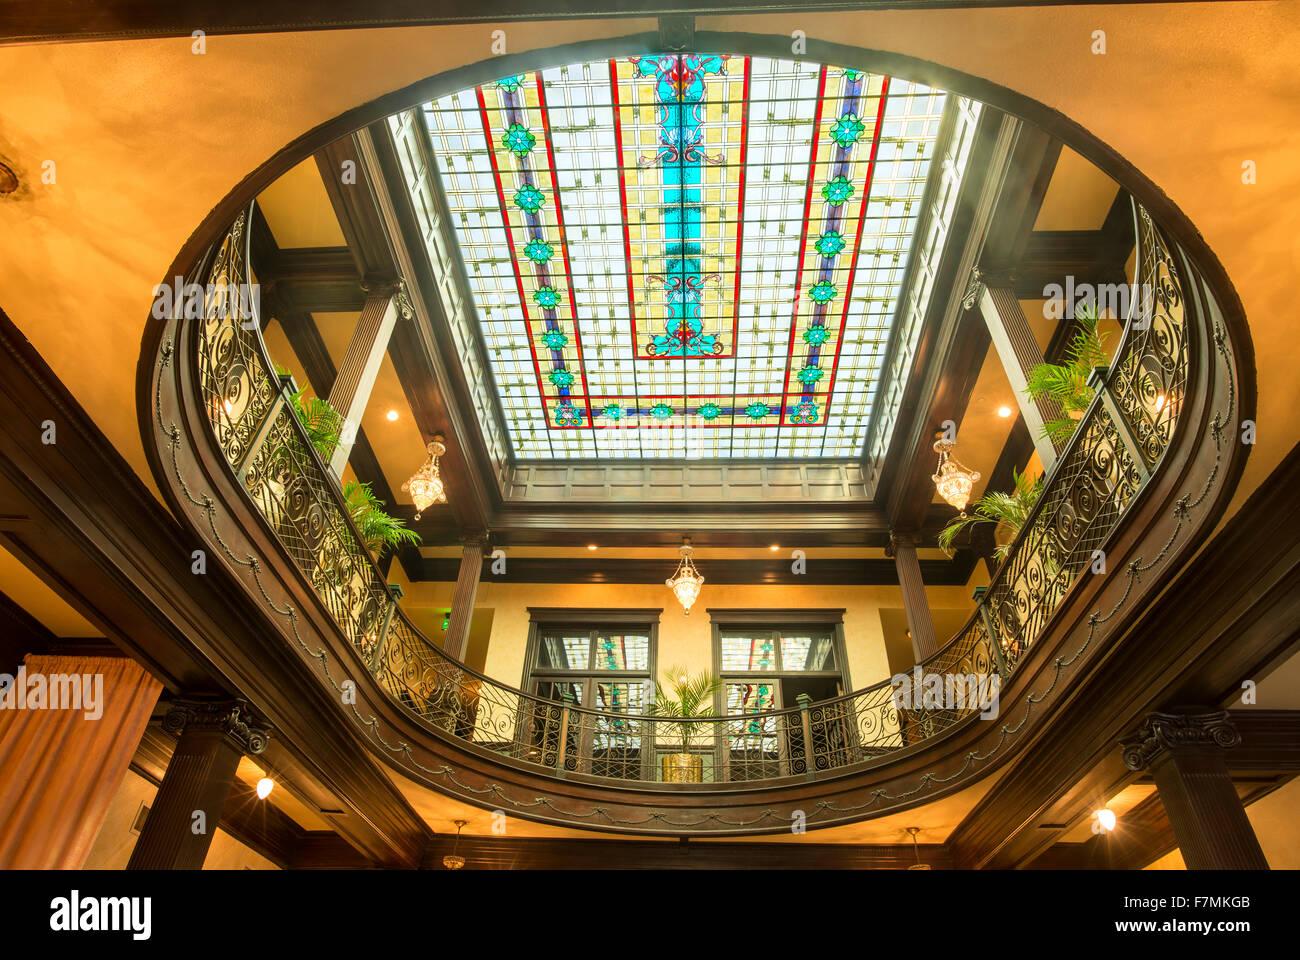 Decke Aus Buntglas In Historischen Geiser Grand Hotels In Baker City Oregon Stockfotografie Alamy